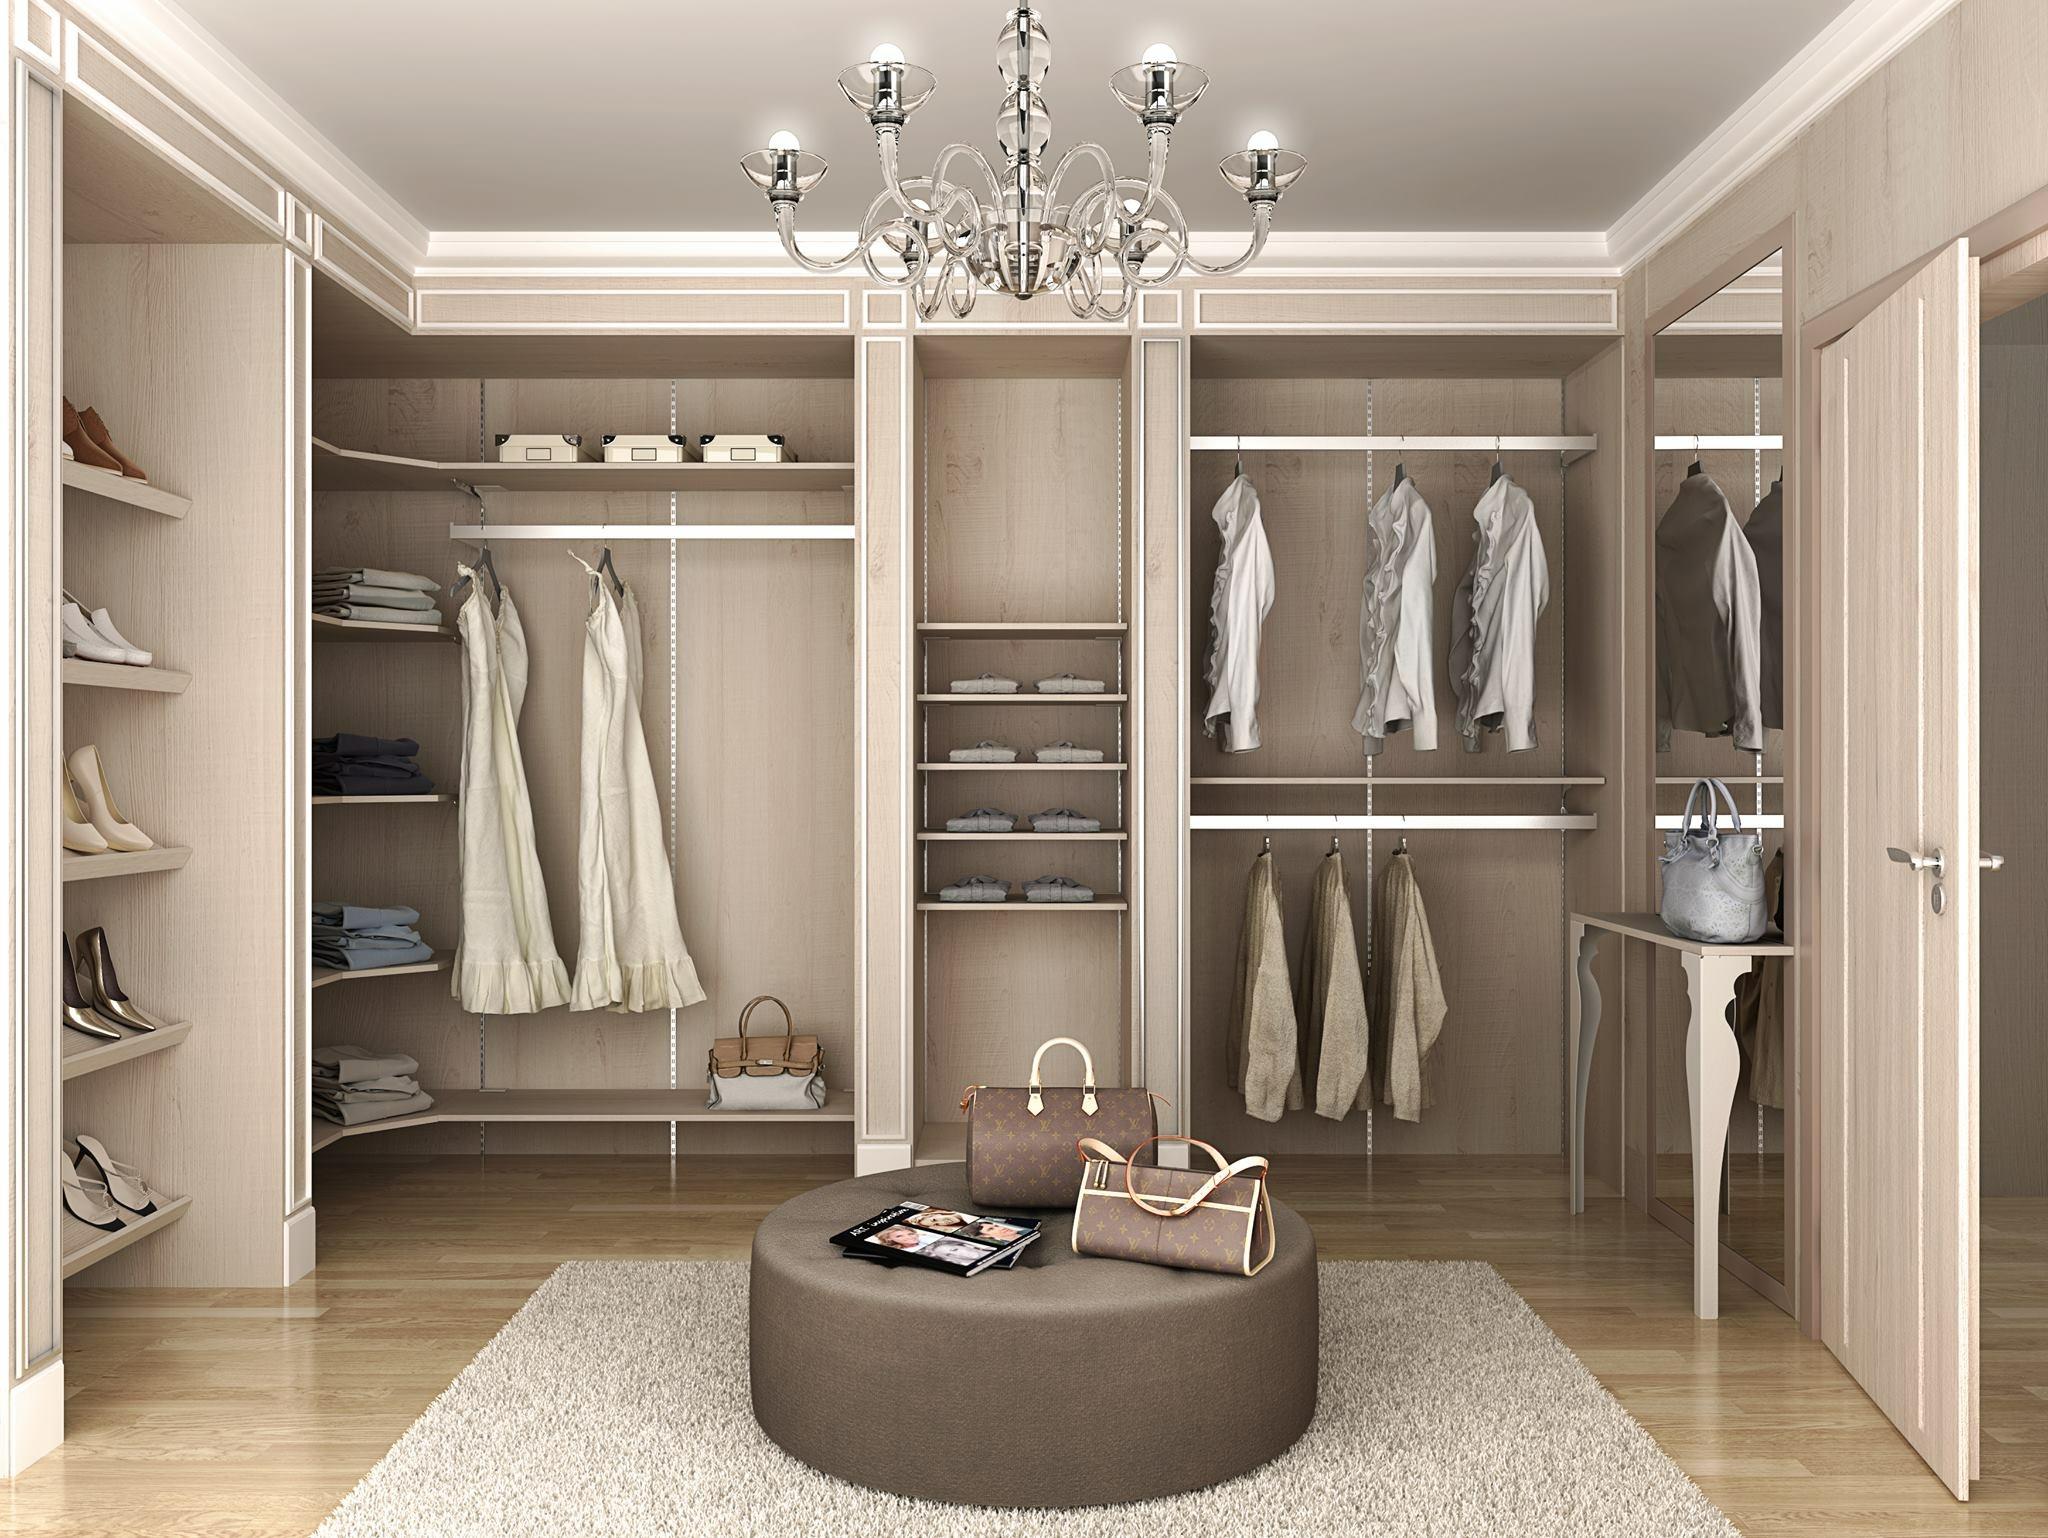 Cabine armadio per casa e negozio a olbia sassari nuoro sardegna - Mondo convenienza cabine armadio ...